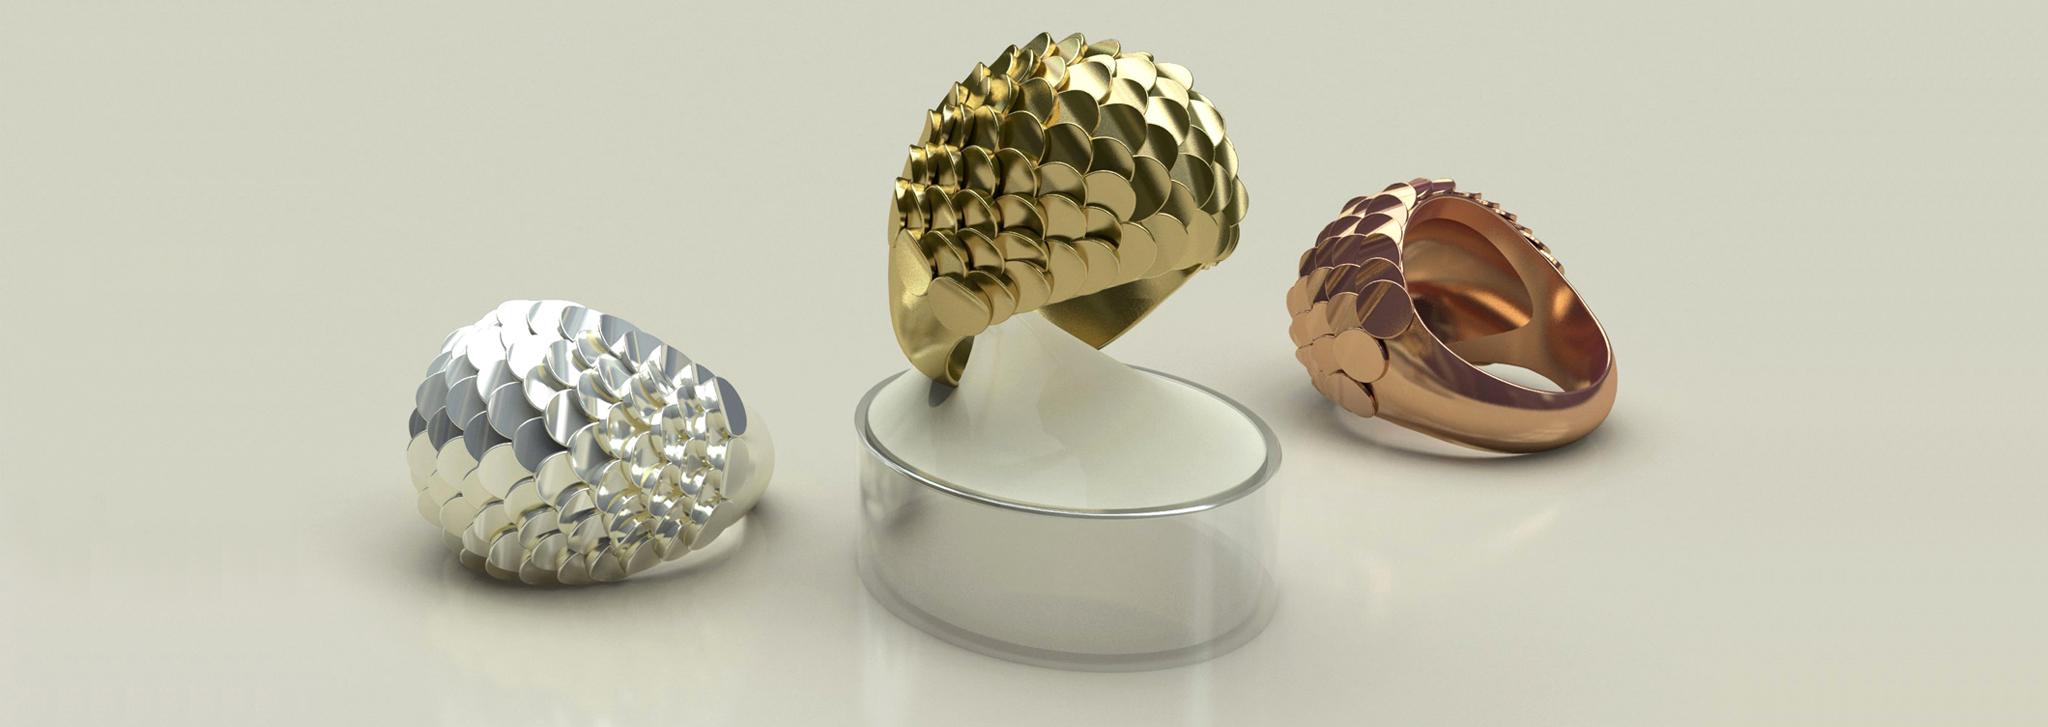 Corso Rhinoceros – Progettazione Orafa Avanzata - Formazione Grafica 3D AAP Studio – Napoli